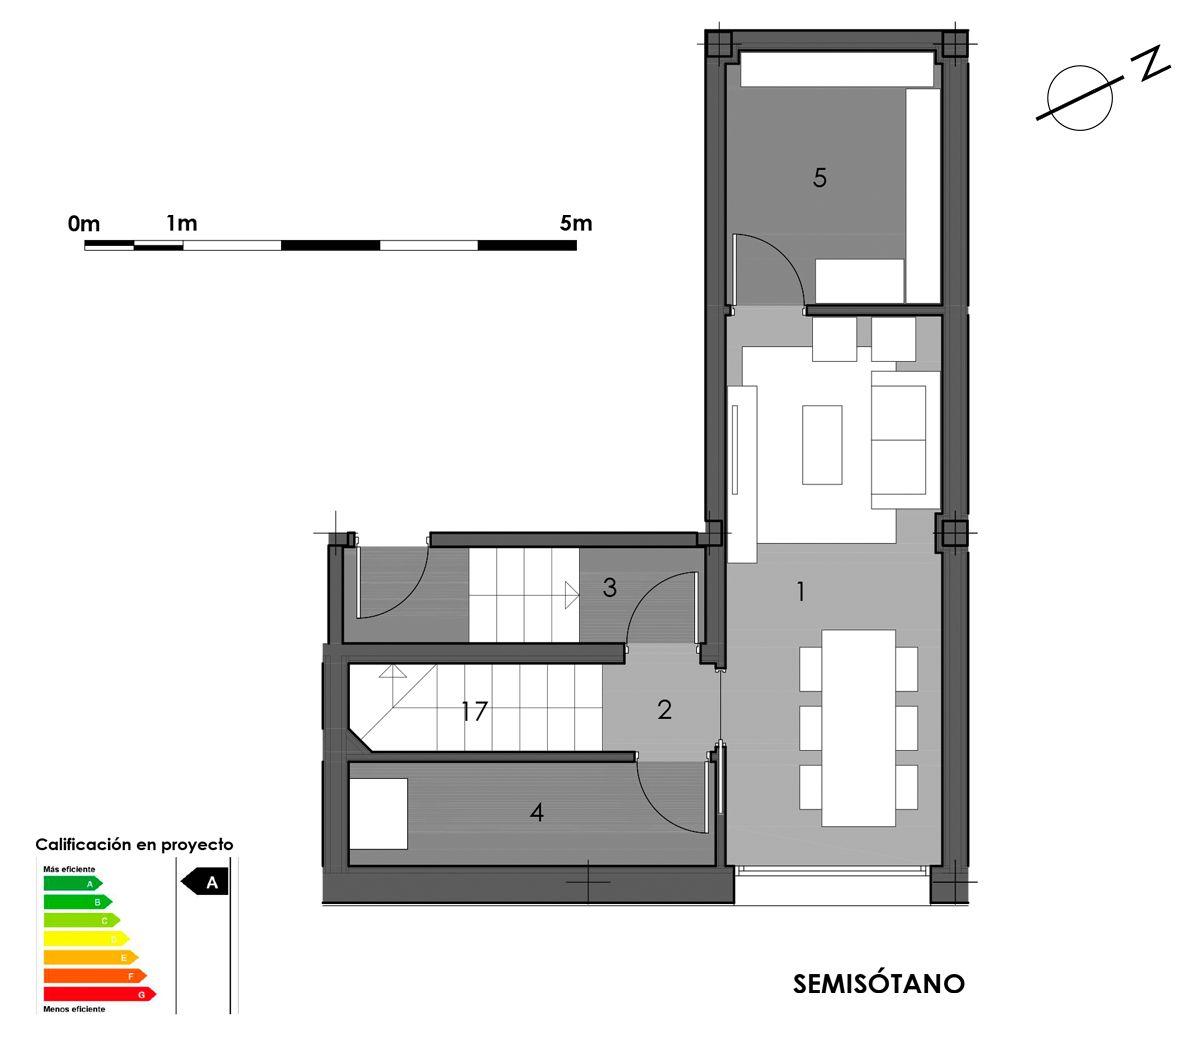 plano semisótano vivienda 5